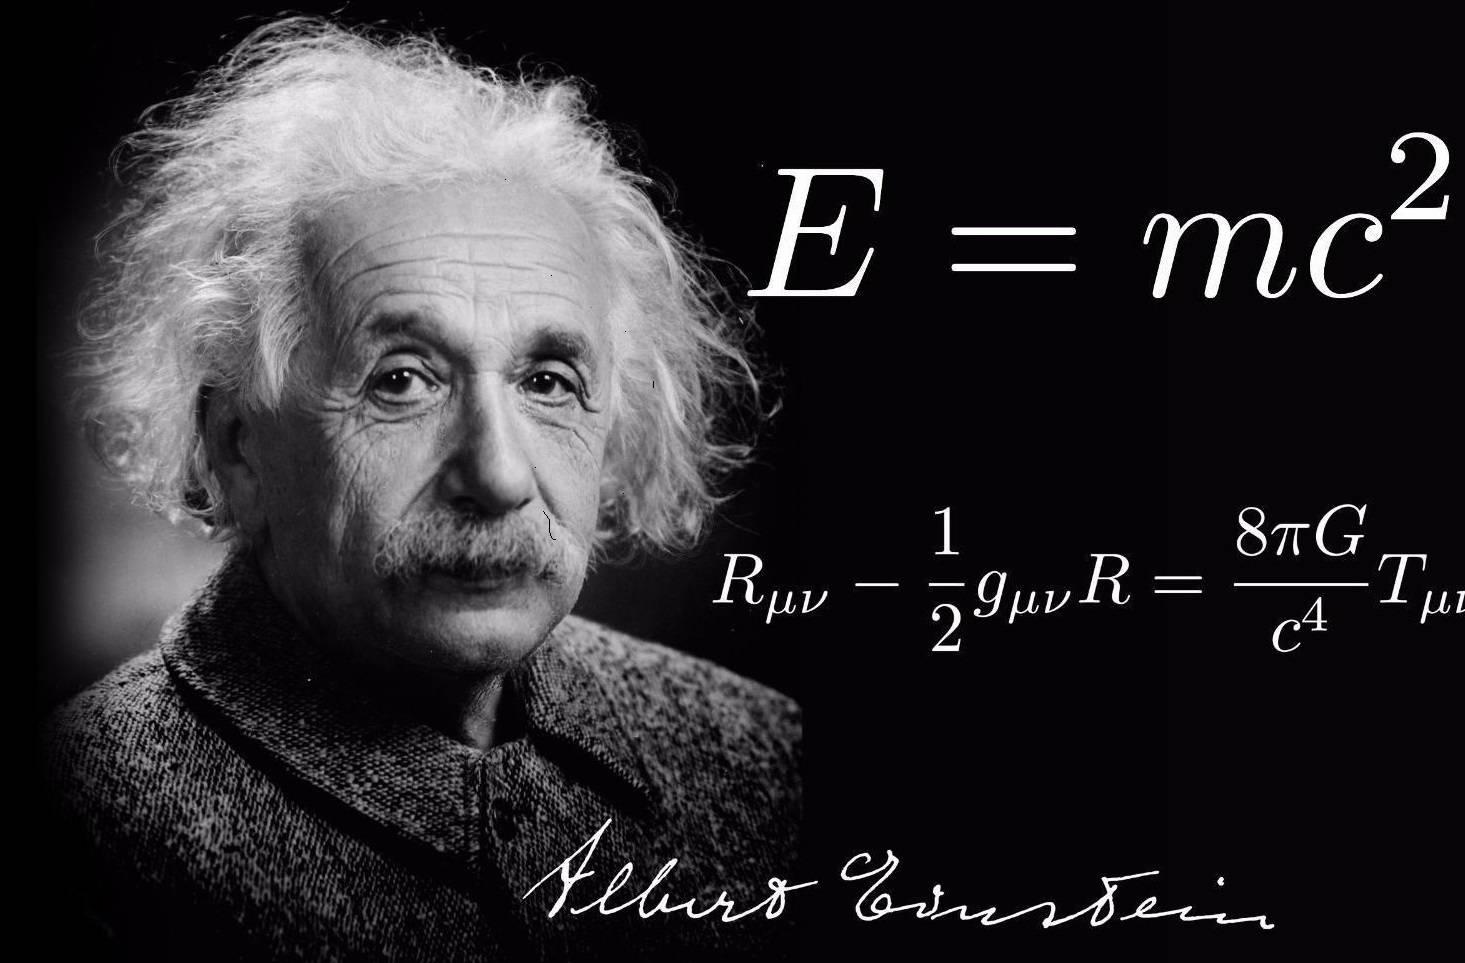 爱因斯坦生平简介 爱因斯坦生平事迹50字